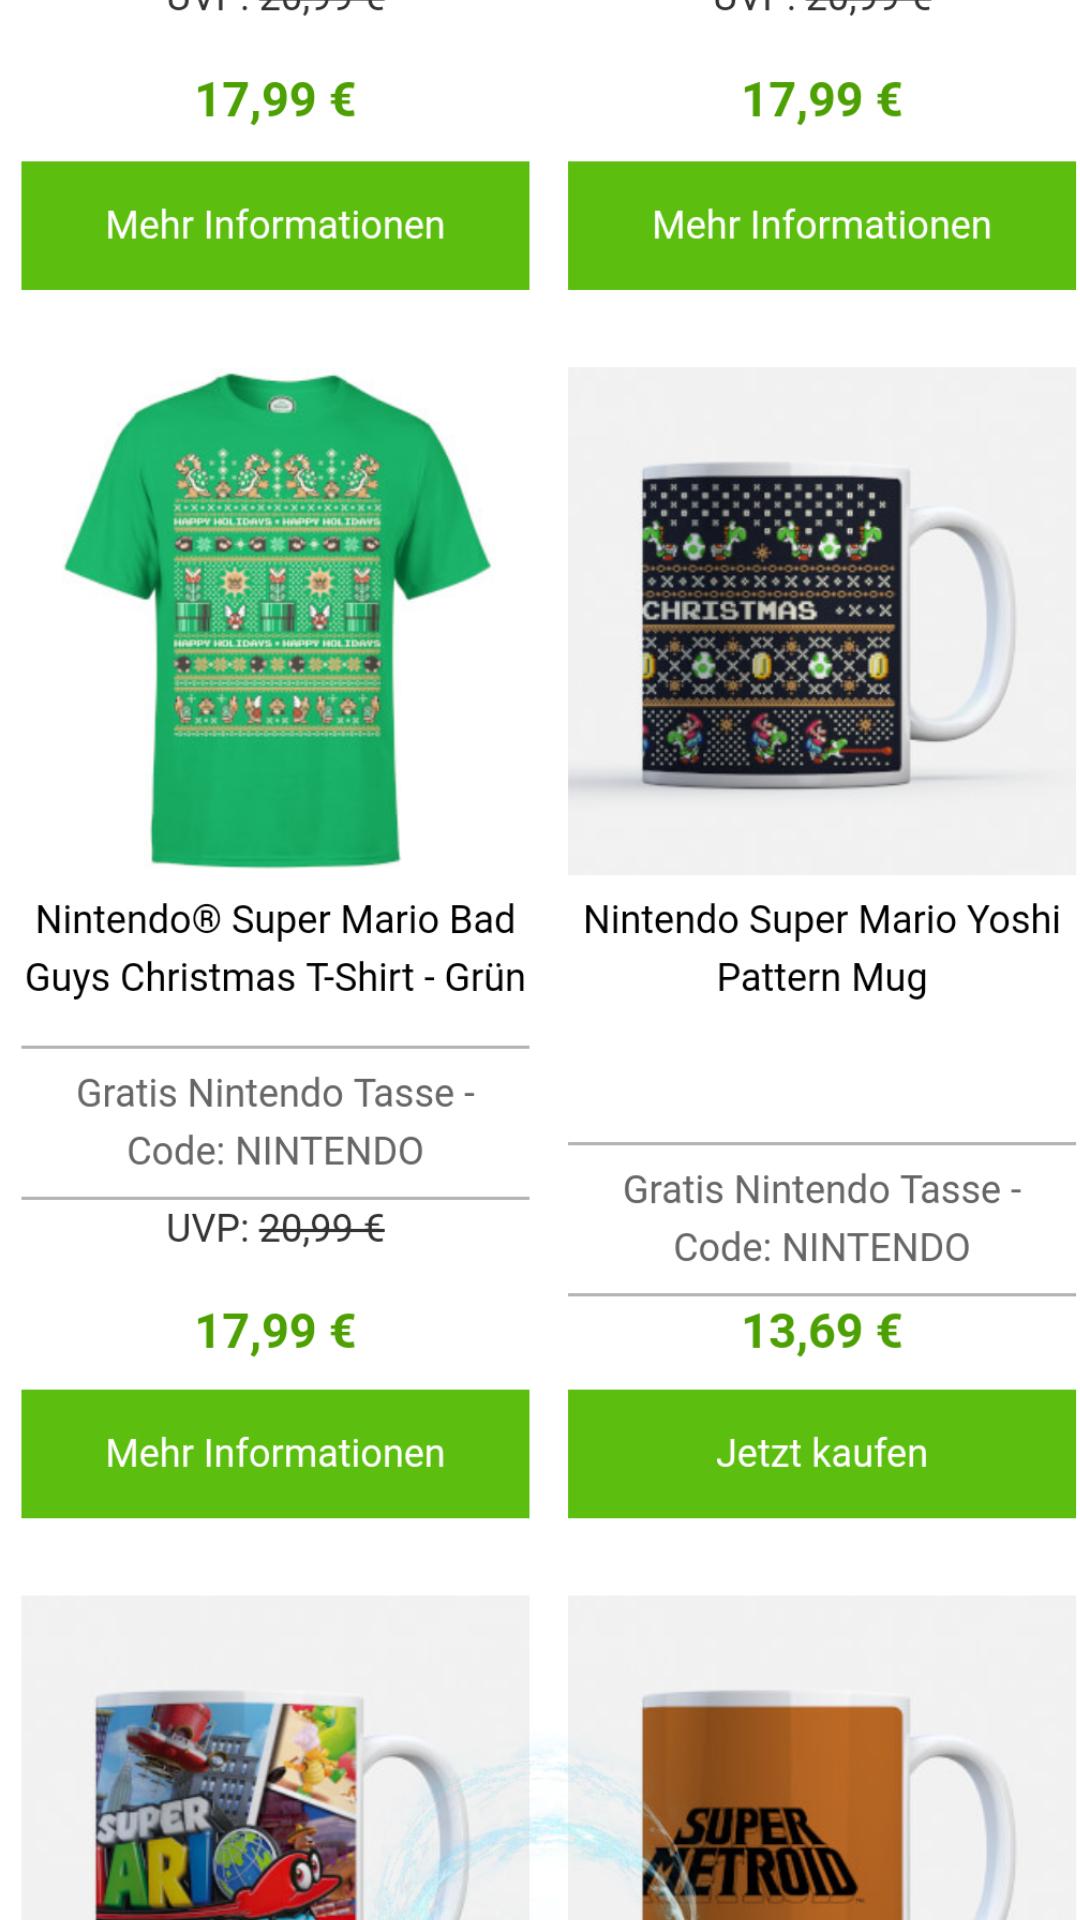 Gratis Nintendo Tasse zu jedem Nintendo Tshirt